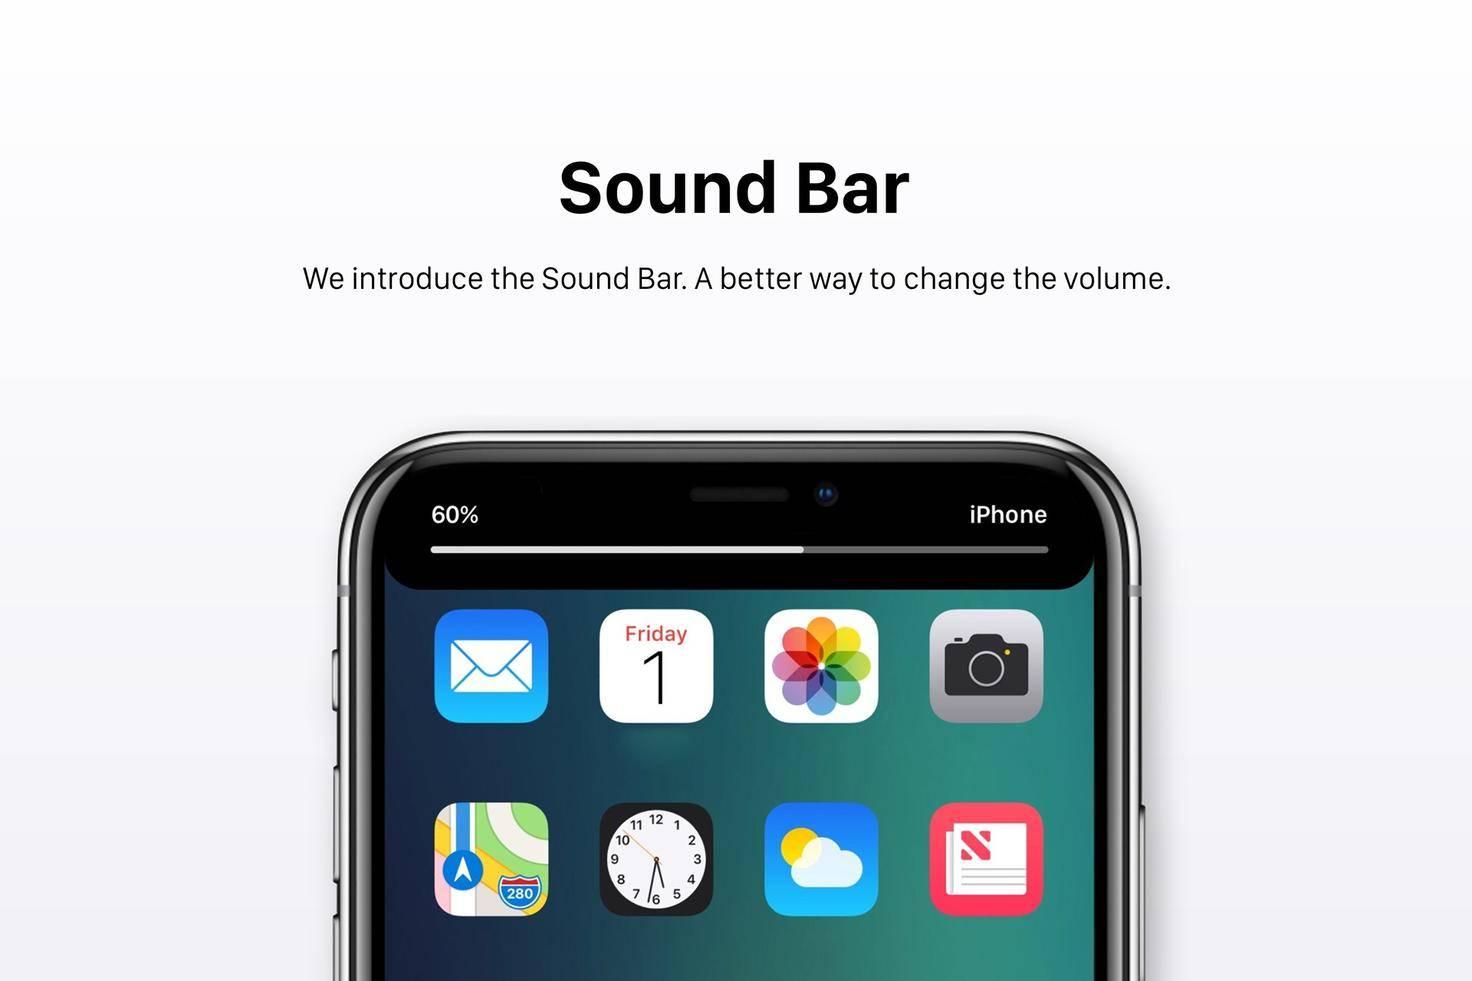 Eine Sound Bar zum Anzeigen der Lautstärke.